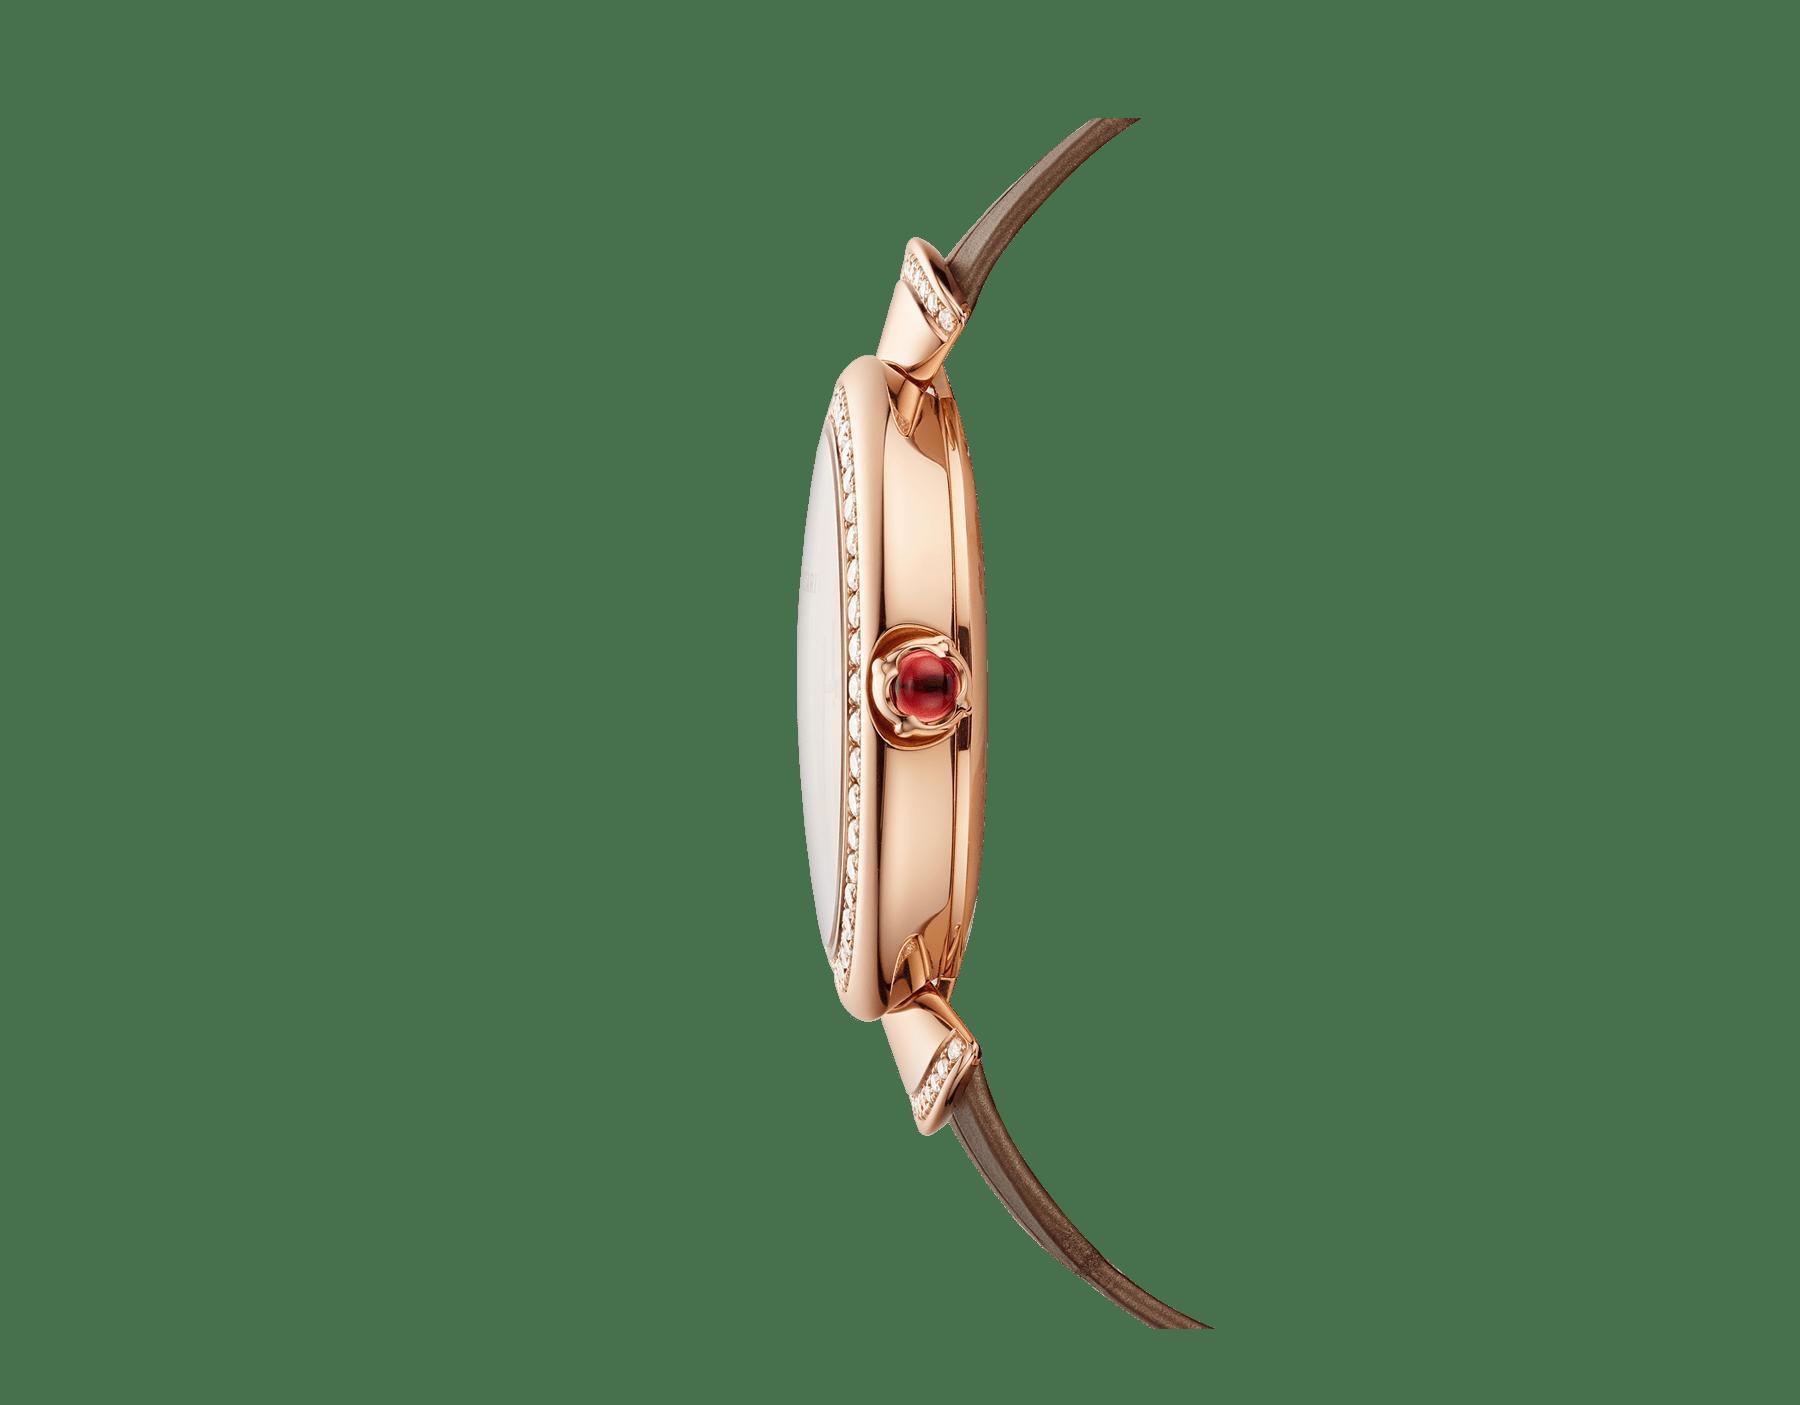 Часы DIVAS' DREAM, мануфактурный механизм с автоматическим заводом, корпус из розового золота 18 карат, безель и крепления в форме веера из розового золота 18 карат с бриллиантами классической огранки, циферблат с настоящим пером павлина, ремешок из блестящей кожи аллигатора бежевого цвета 103139 image 3